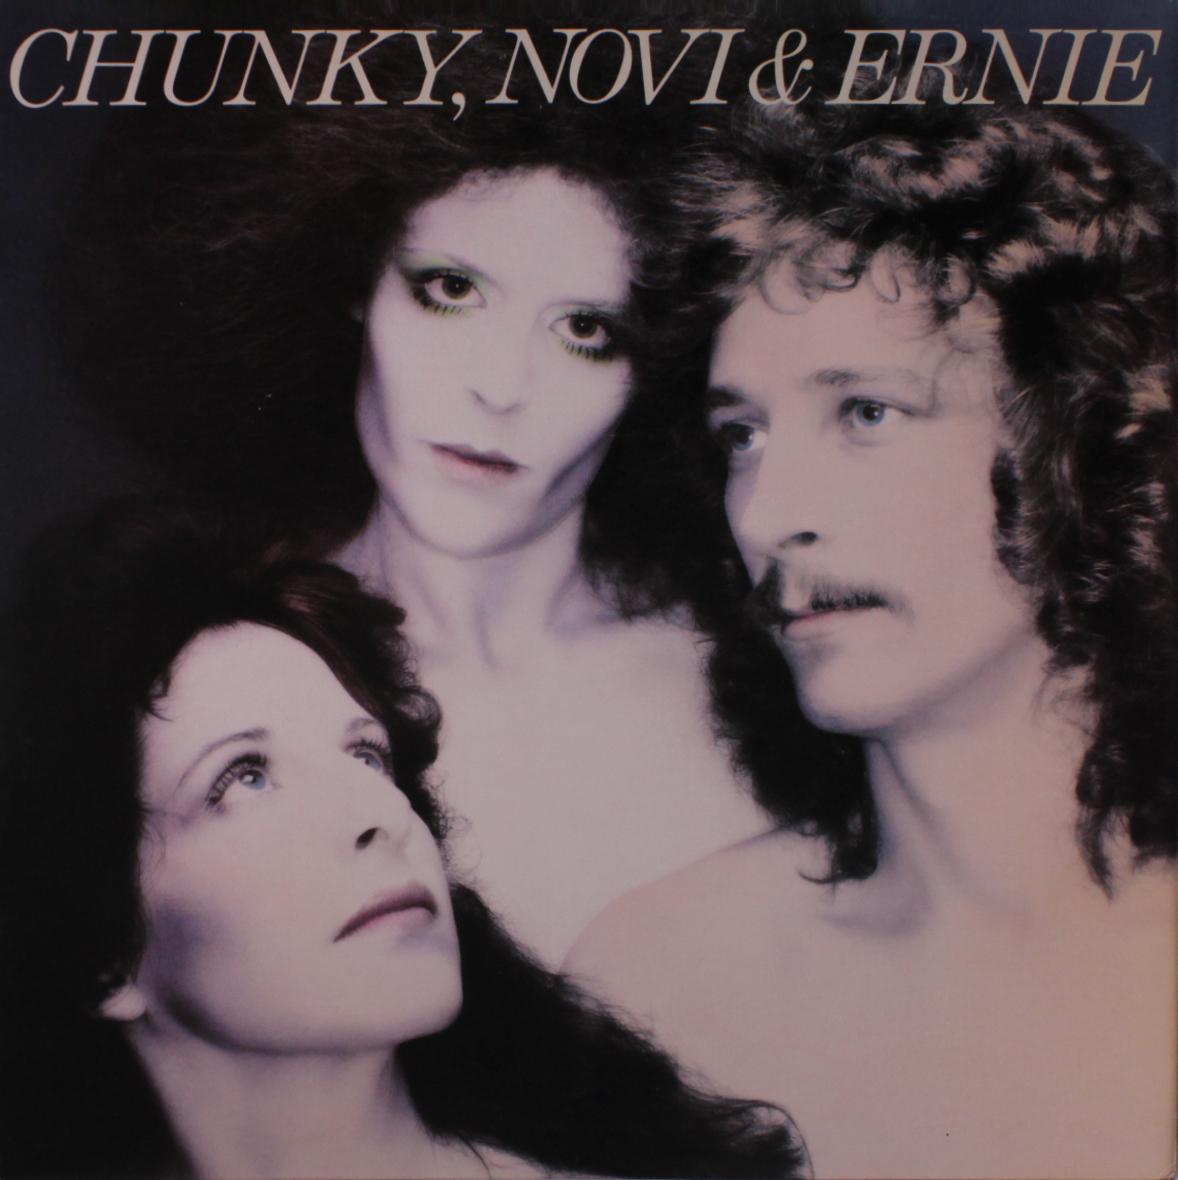 1977 Chunky, Novi & Ernie – Chunky, Novi & Ernie